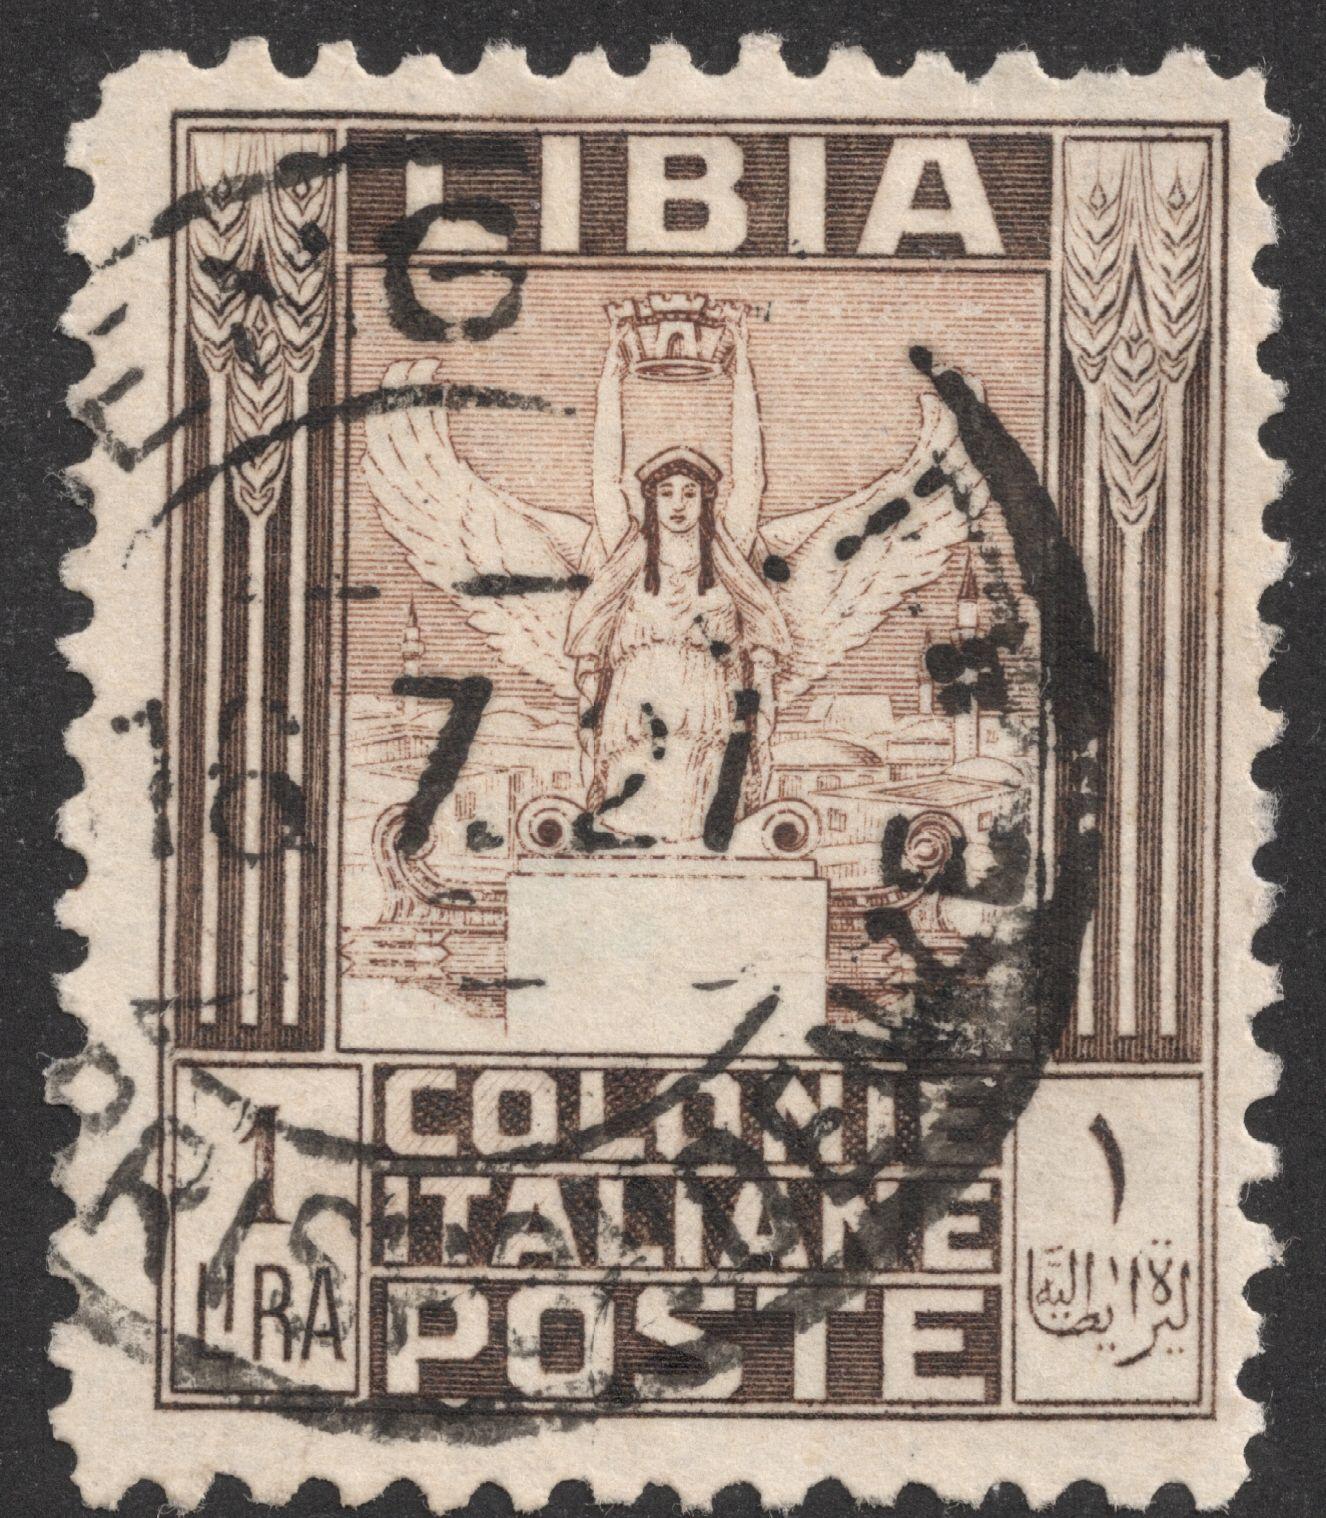 Braun Braun 112 Sortierung Briefmarken Tierwelt L wren Scott Italien Afrika Philatelie